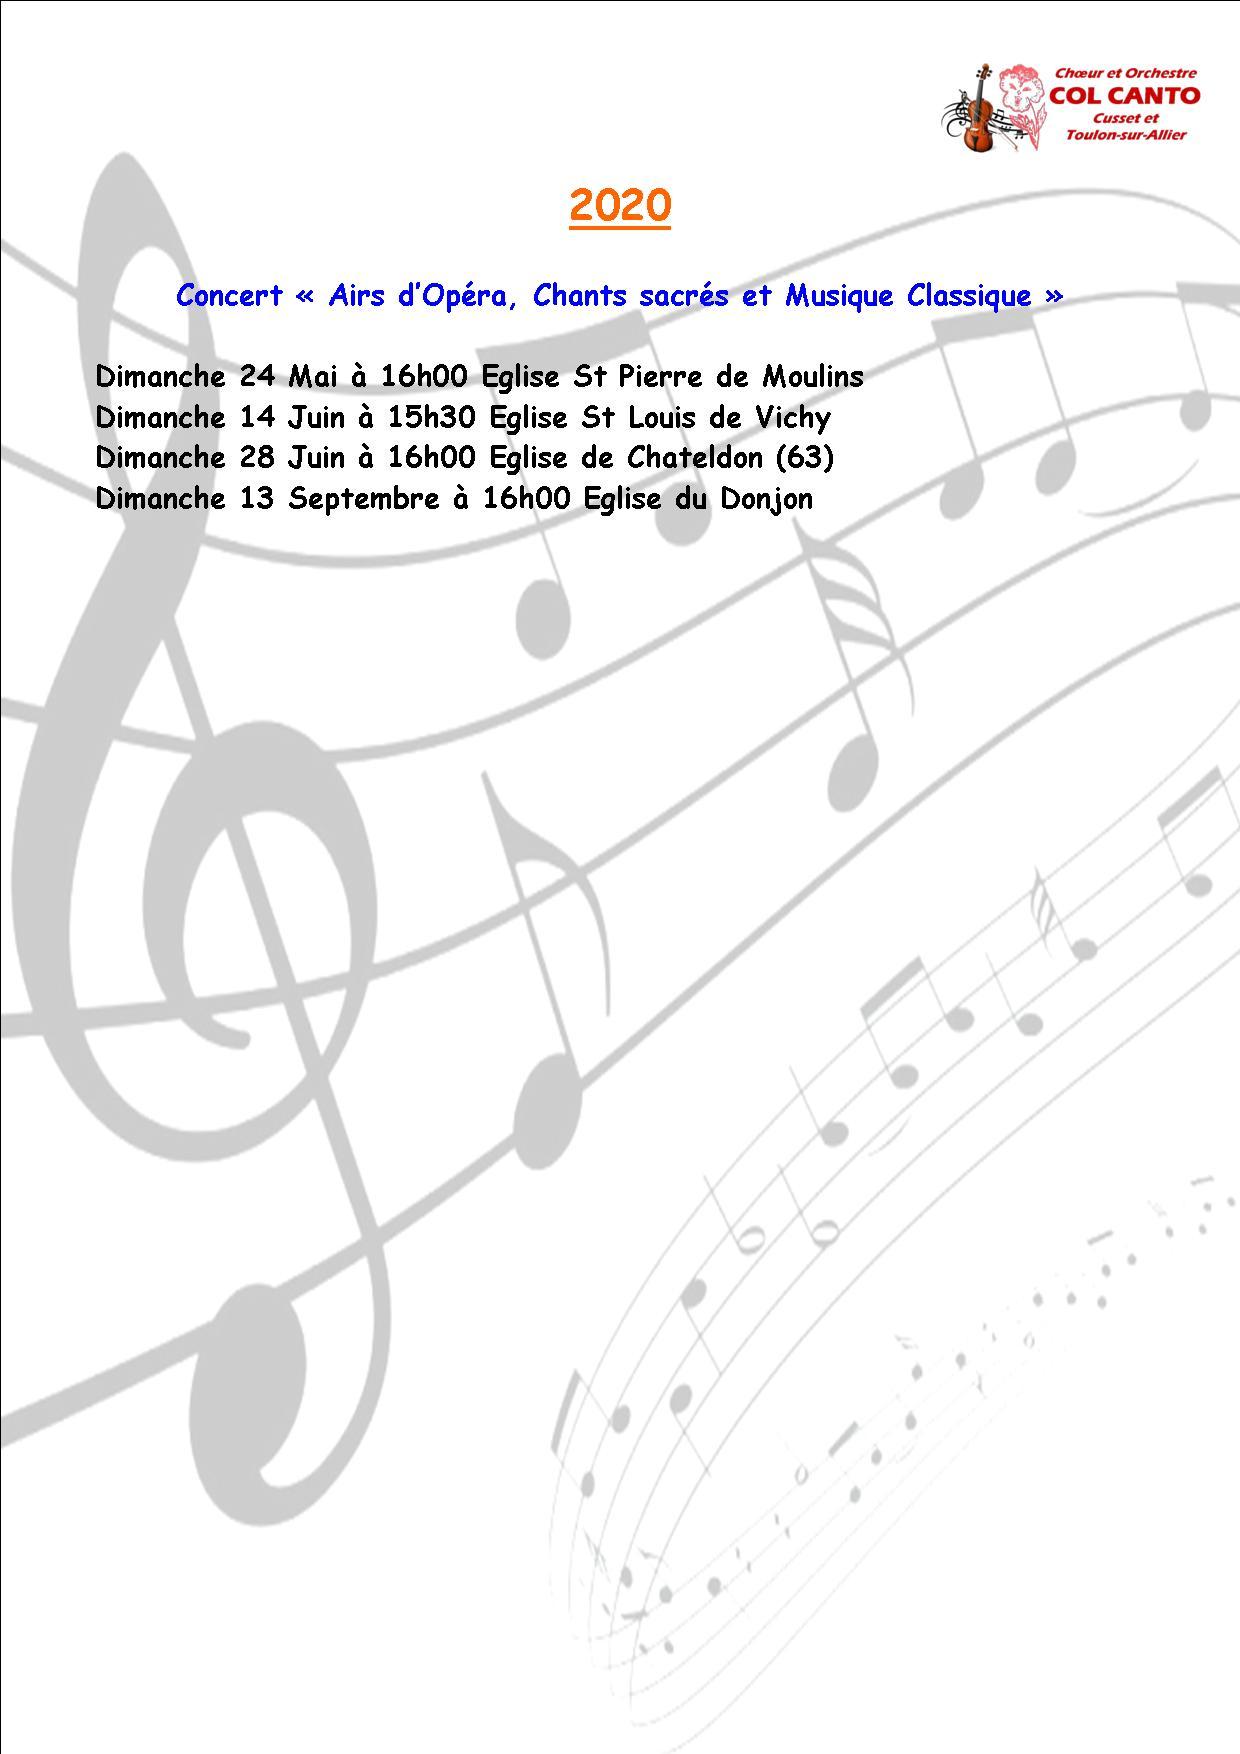 Site nov 19 page 14 15 2